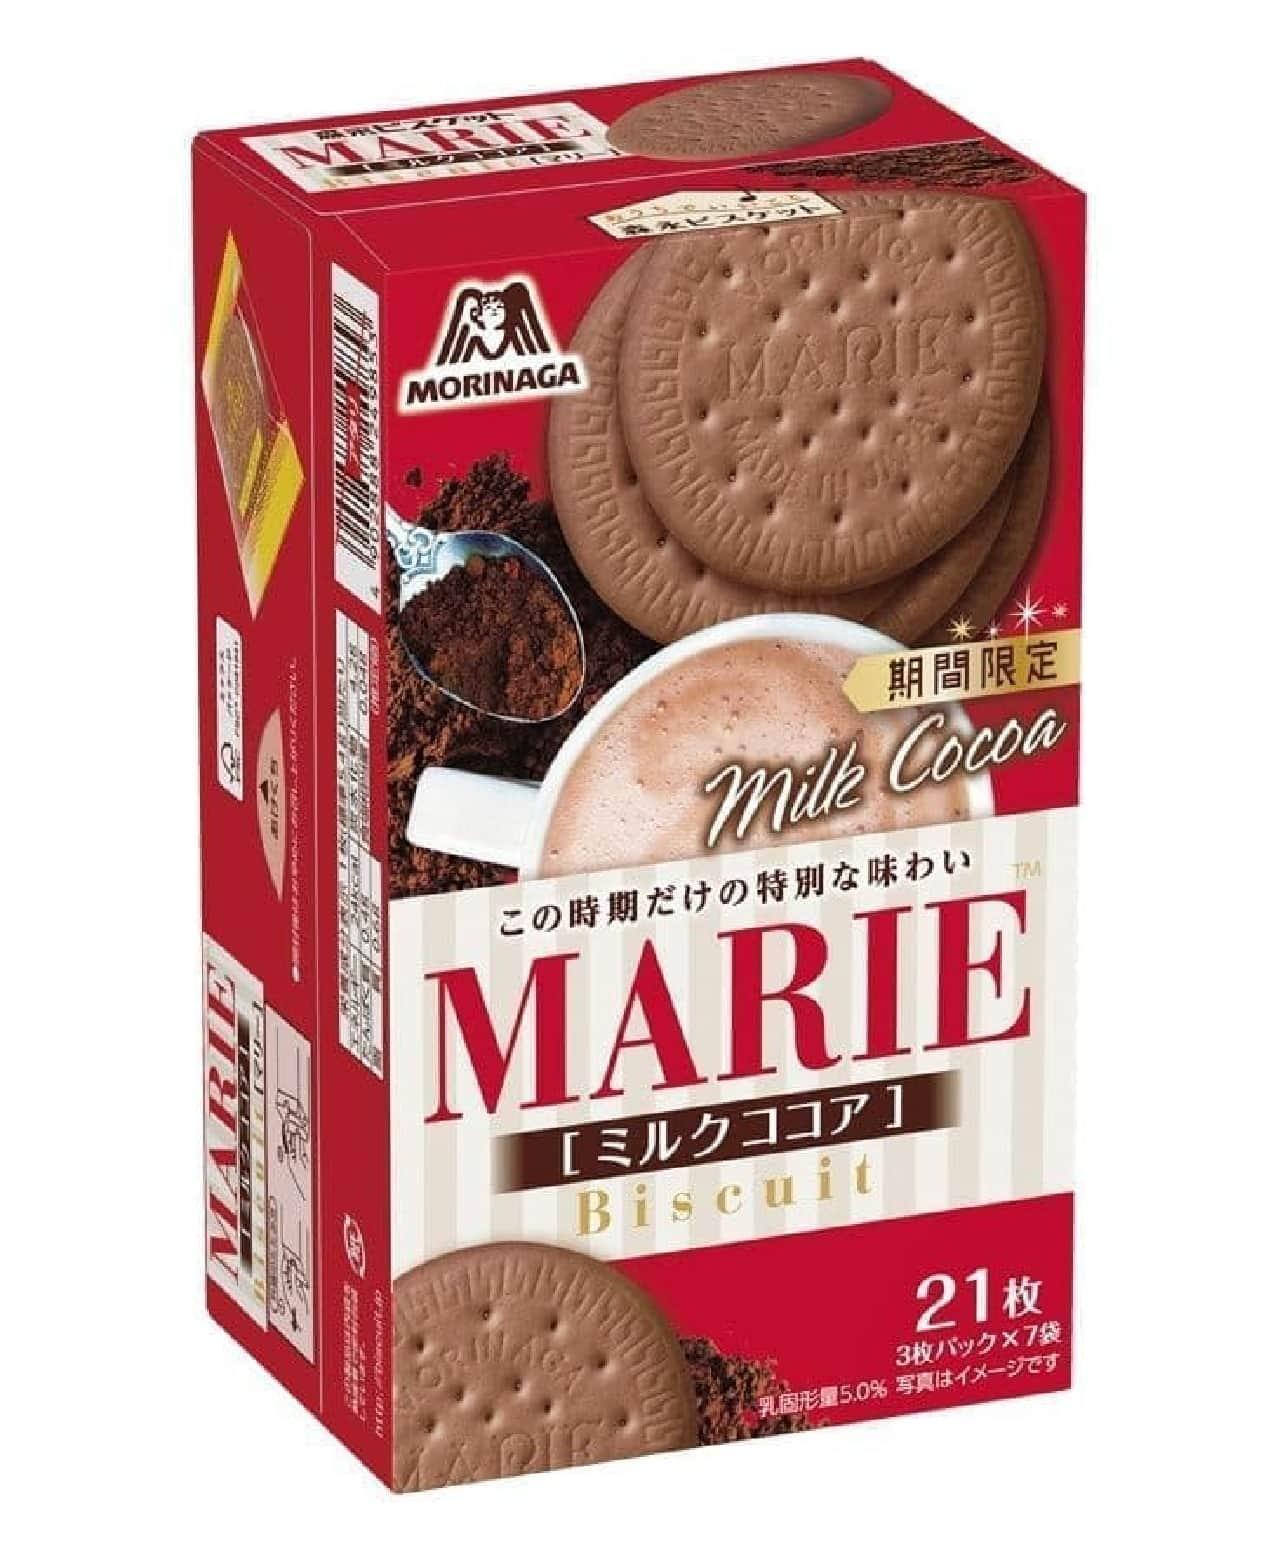 マリー<ミルクココア>